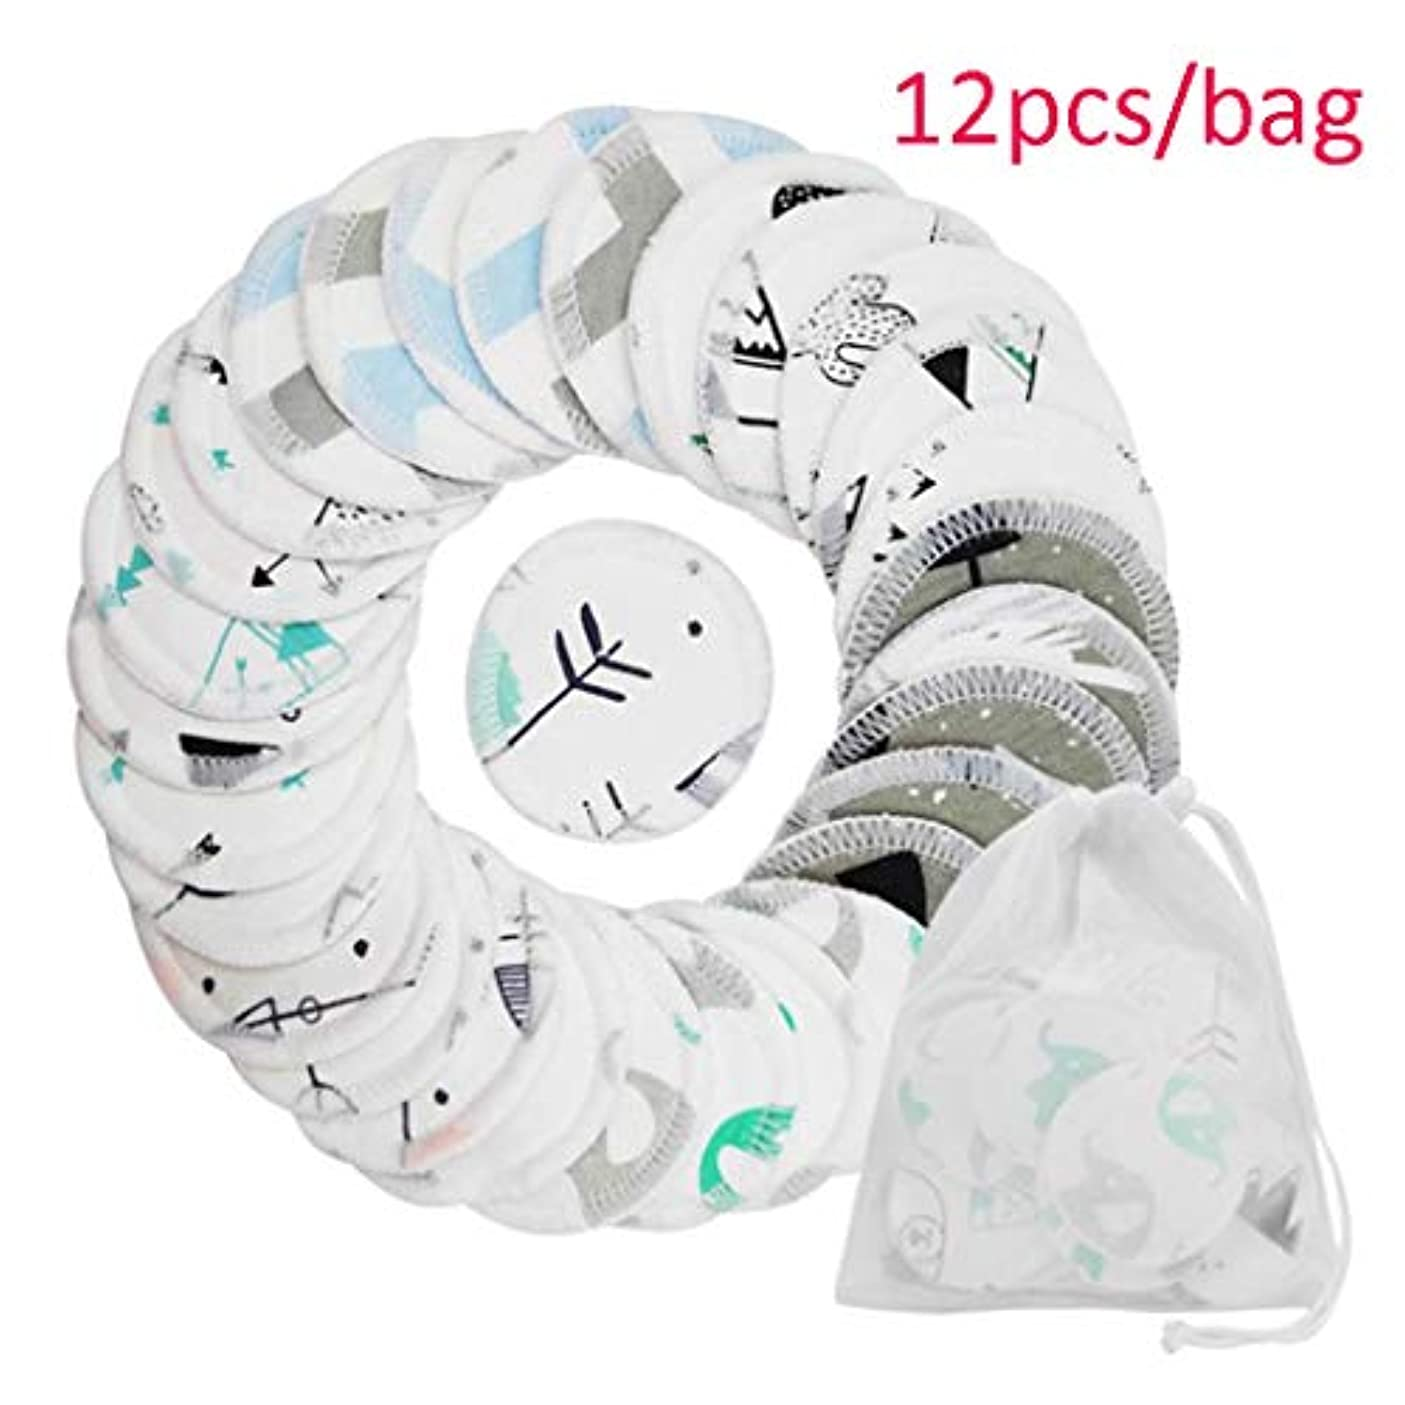 クレンジングシート 再利用可能な洗濯布パッド3層洗える綿ソフトメイクアップリムーバー布用女性の女の子化粧道具 (Color : White, サイズ : A(12pcs/bag))